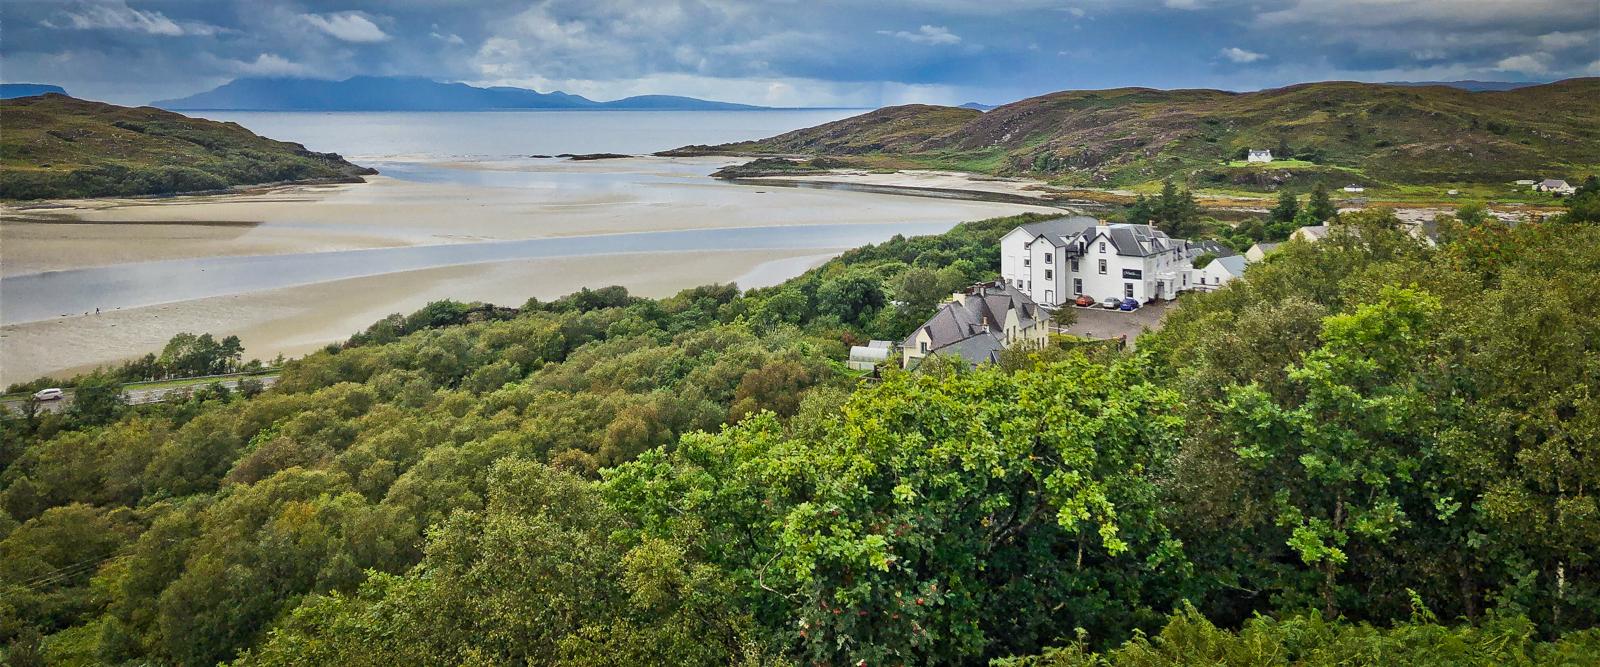 Trekking Szkocja (dla Singli) 27 Sie 2021 – 03 Wrz 2021